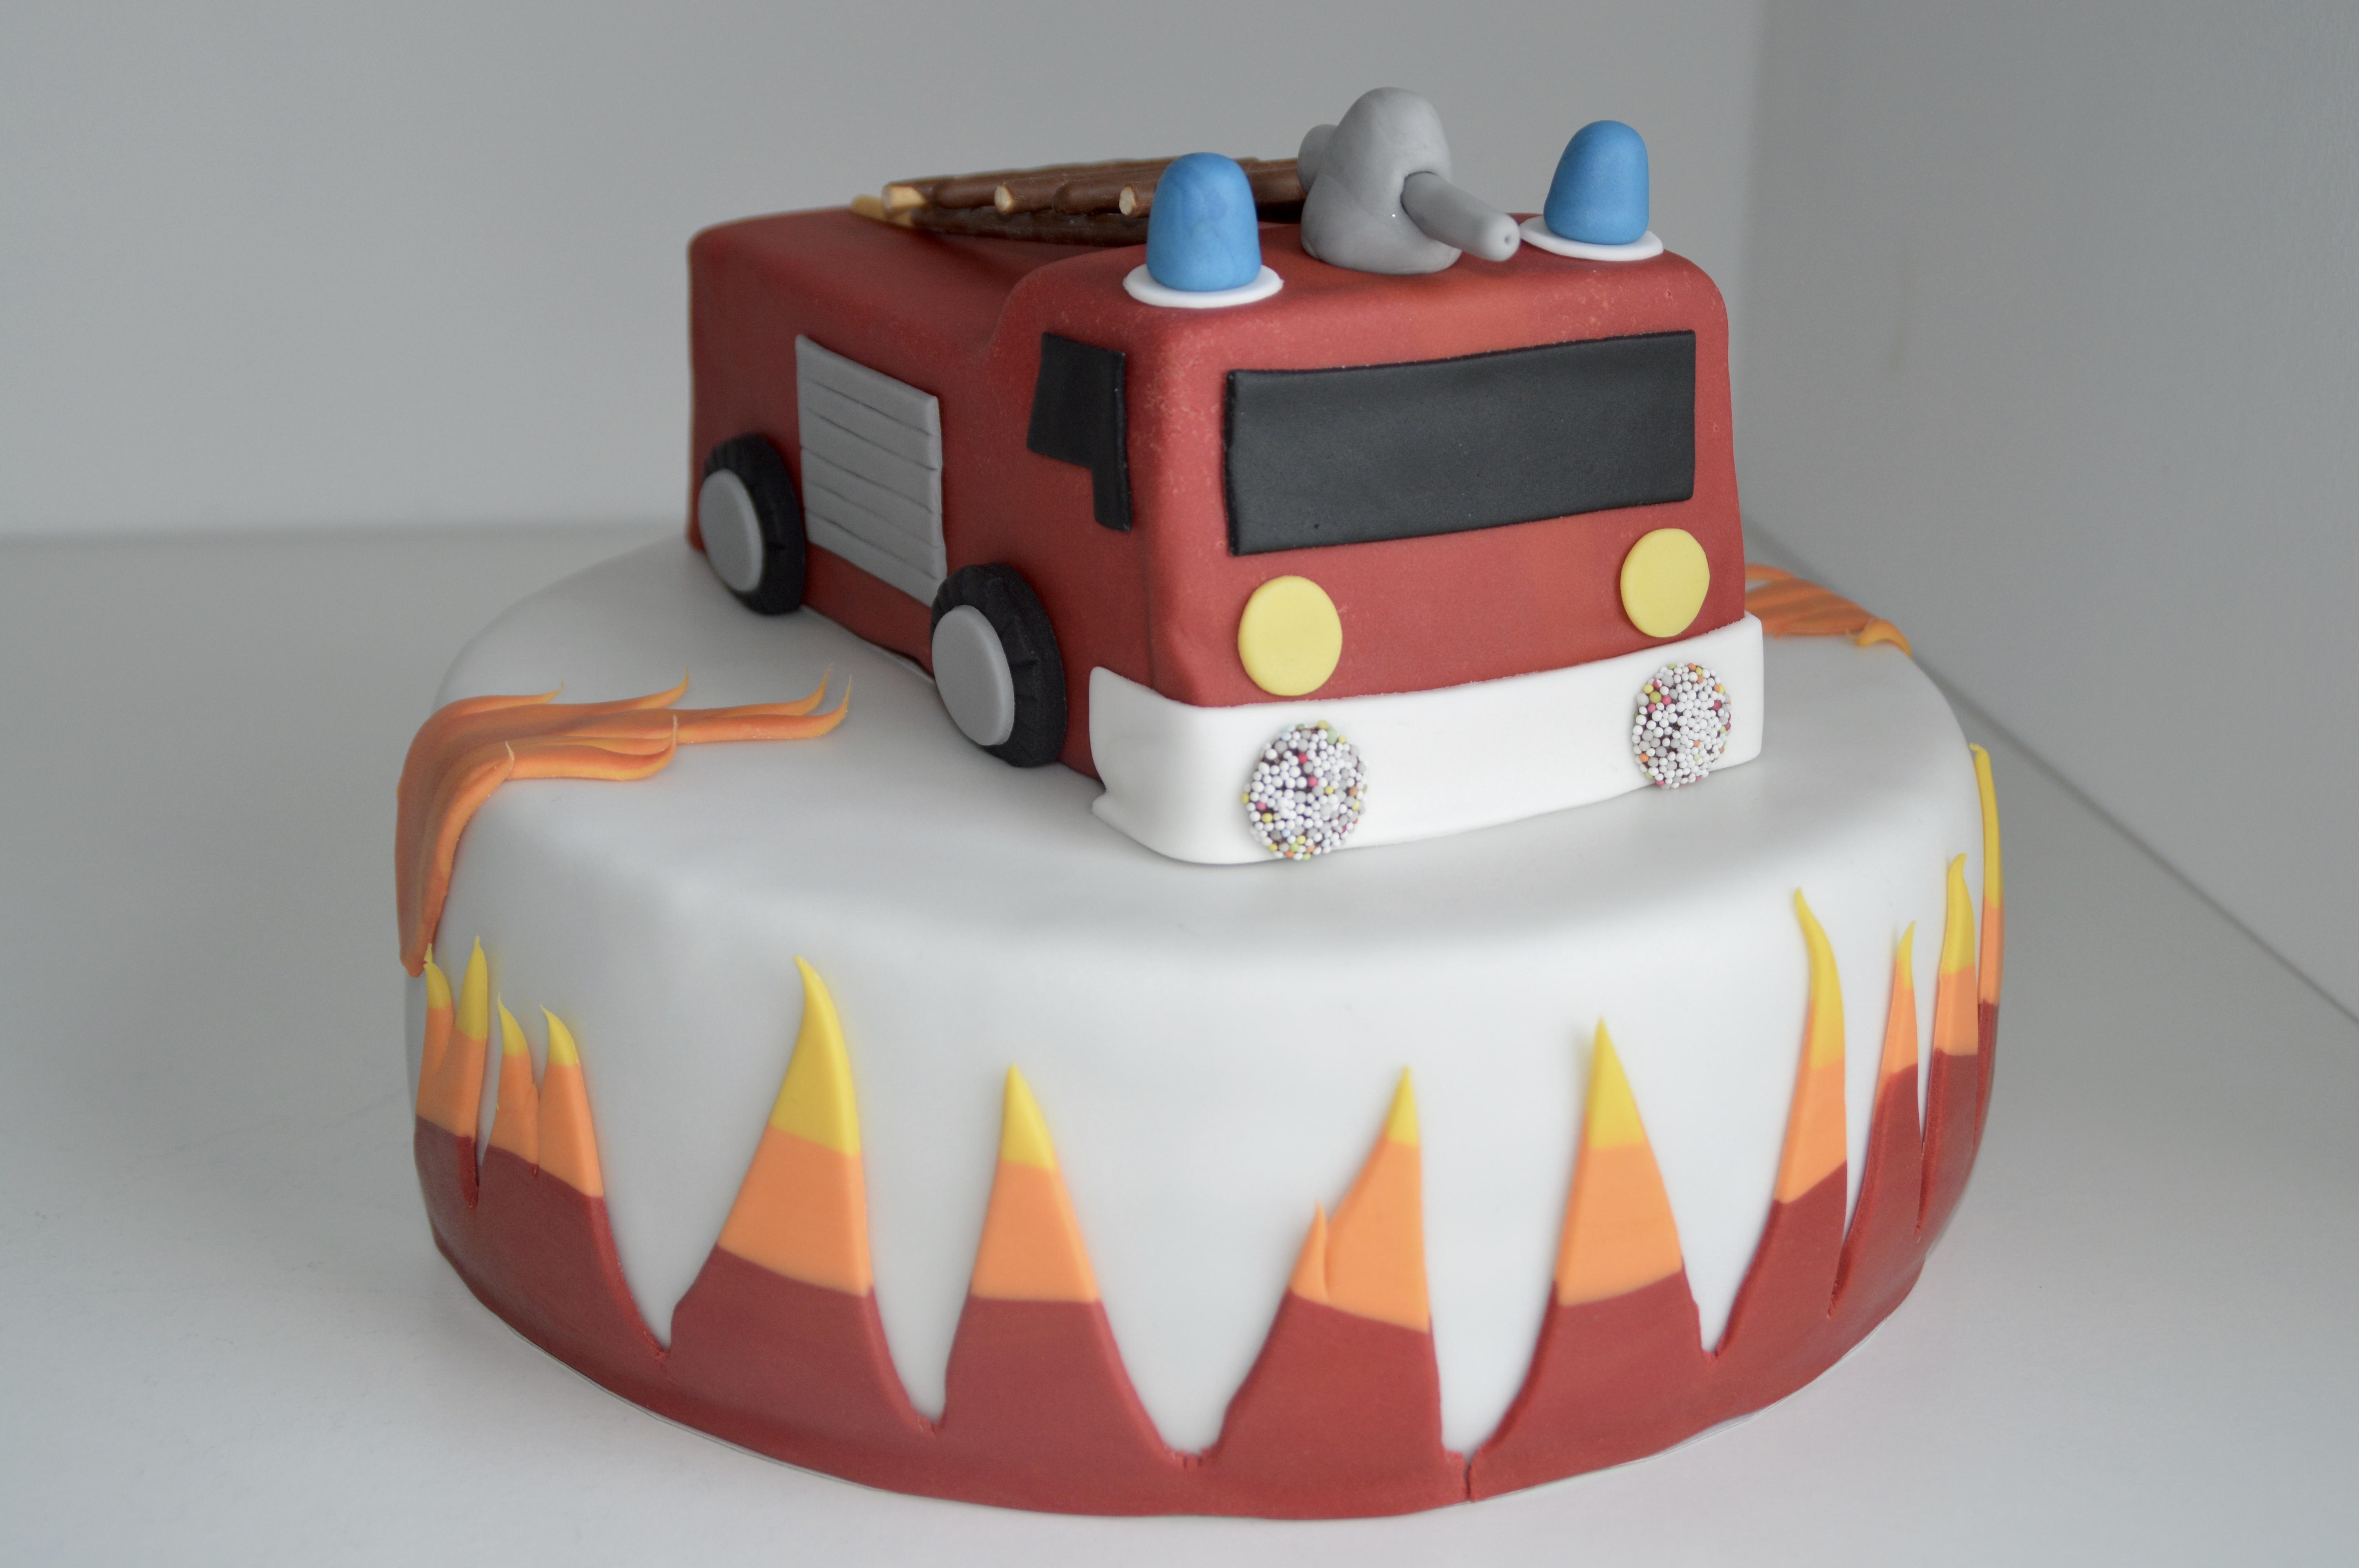 Feuerwehr Torte Zuckerkuss